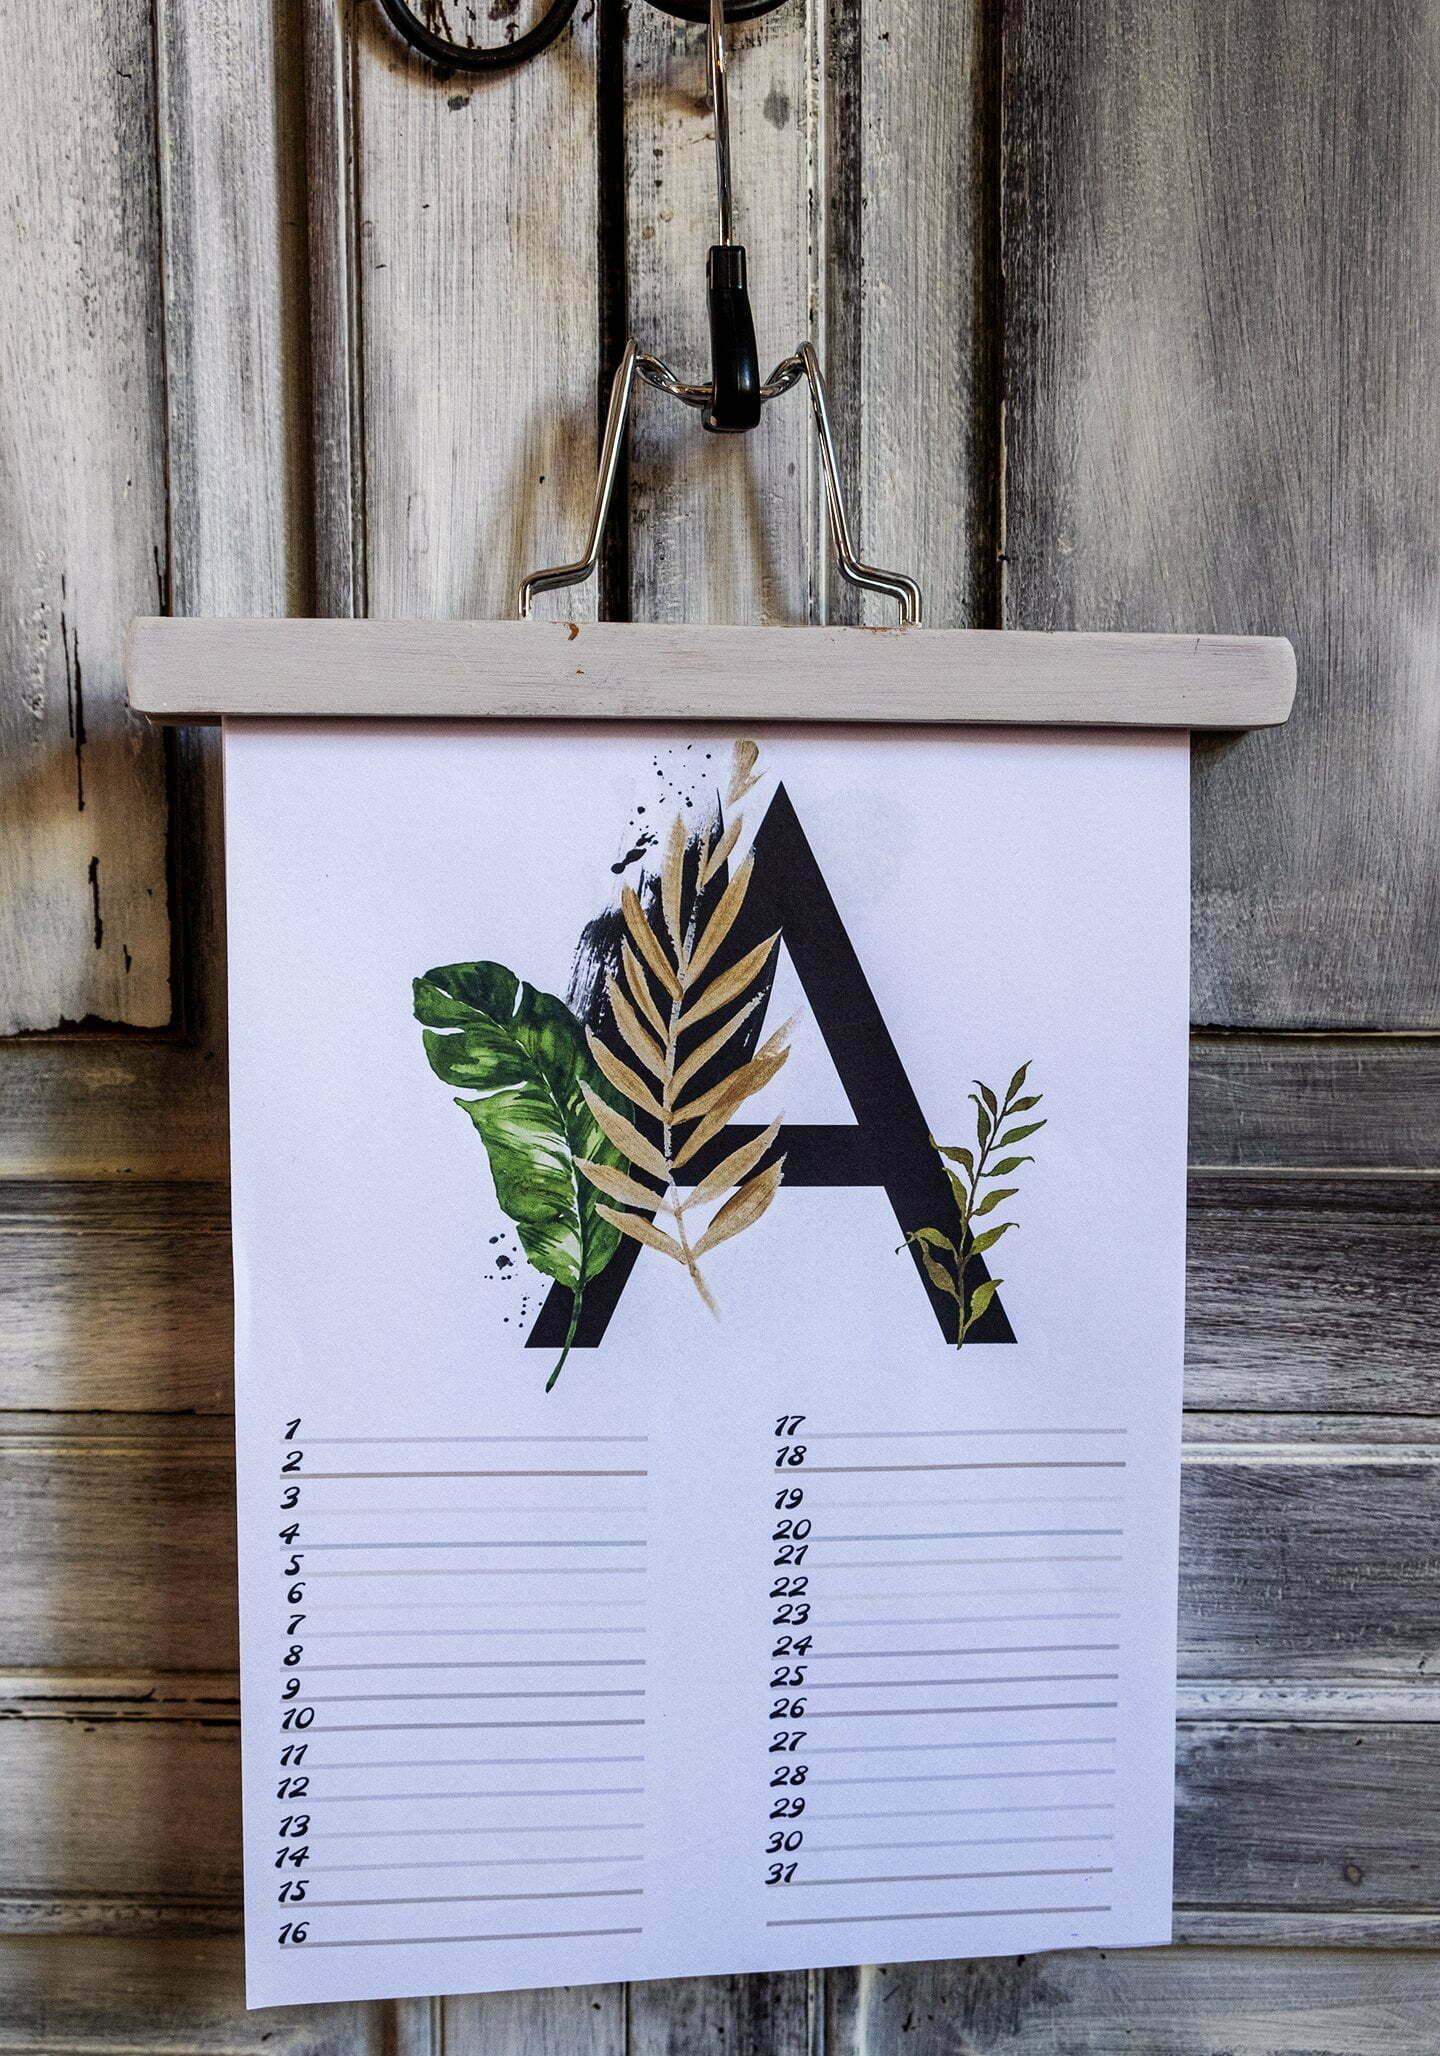 Gratis verjaardagskalender alfabet van Augustus-nr.8